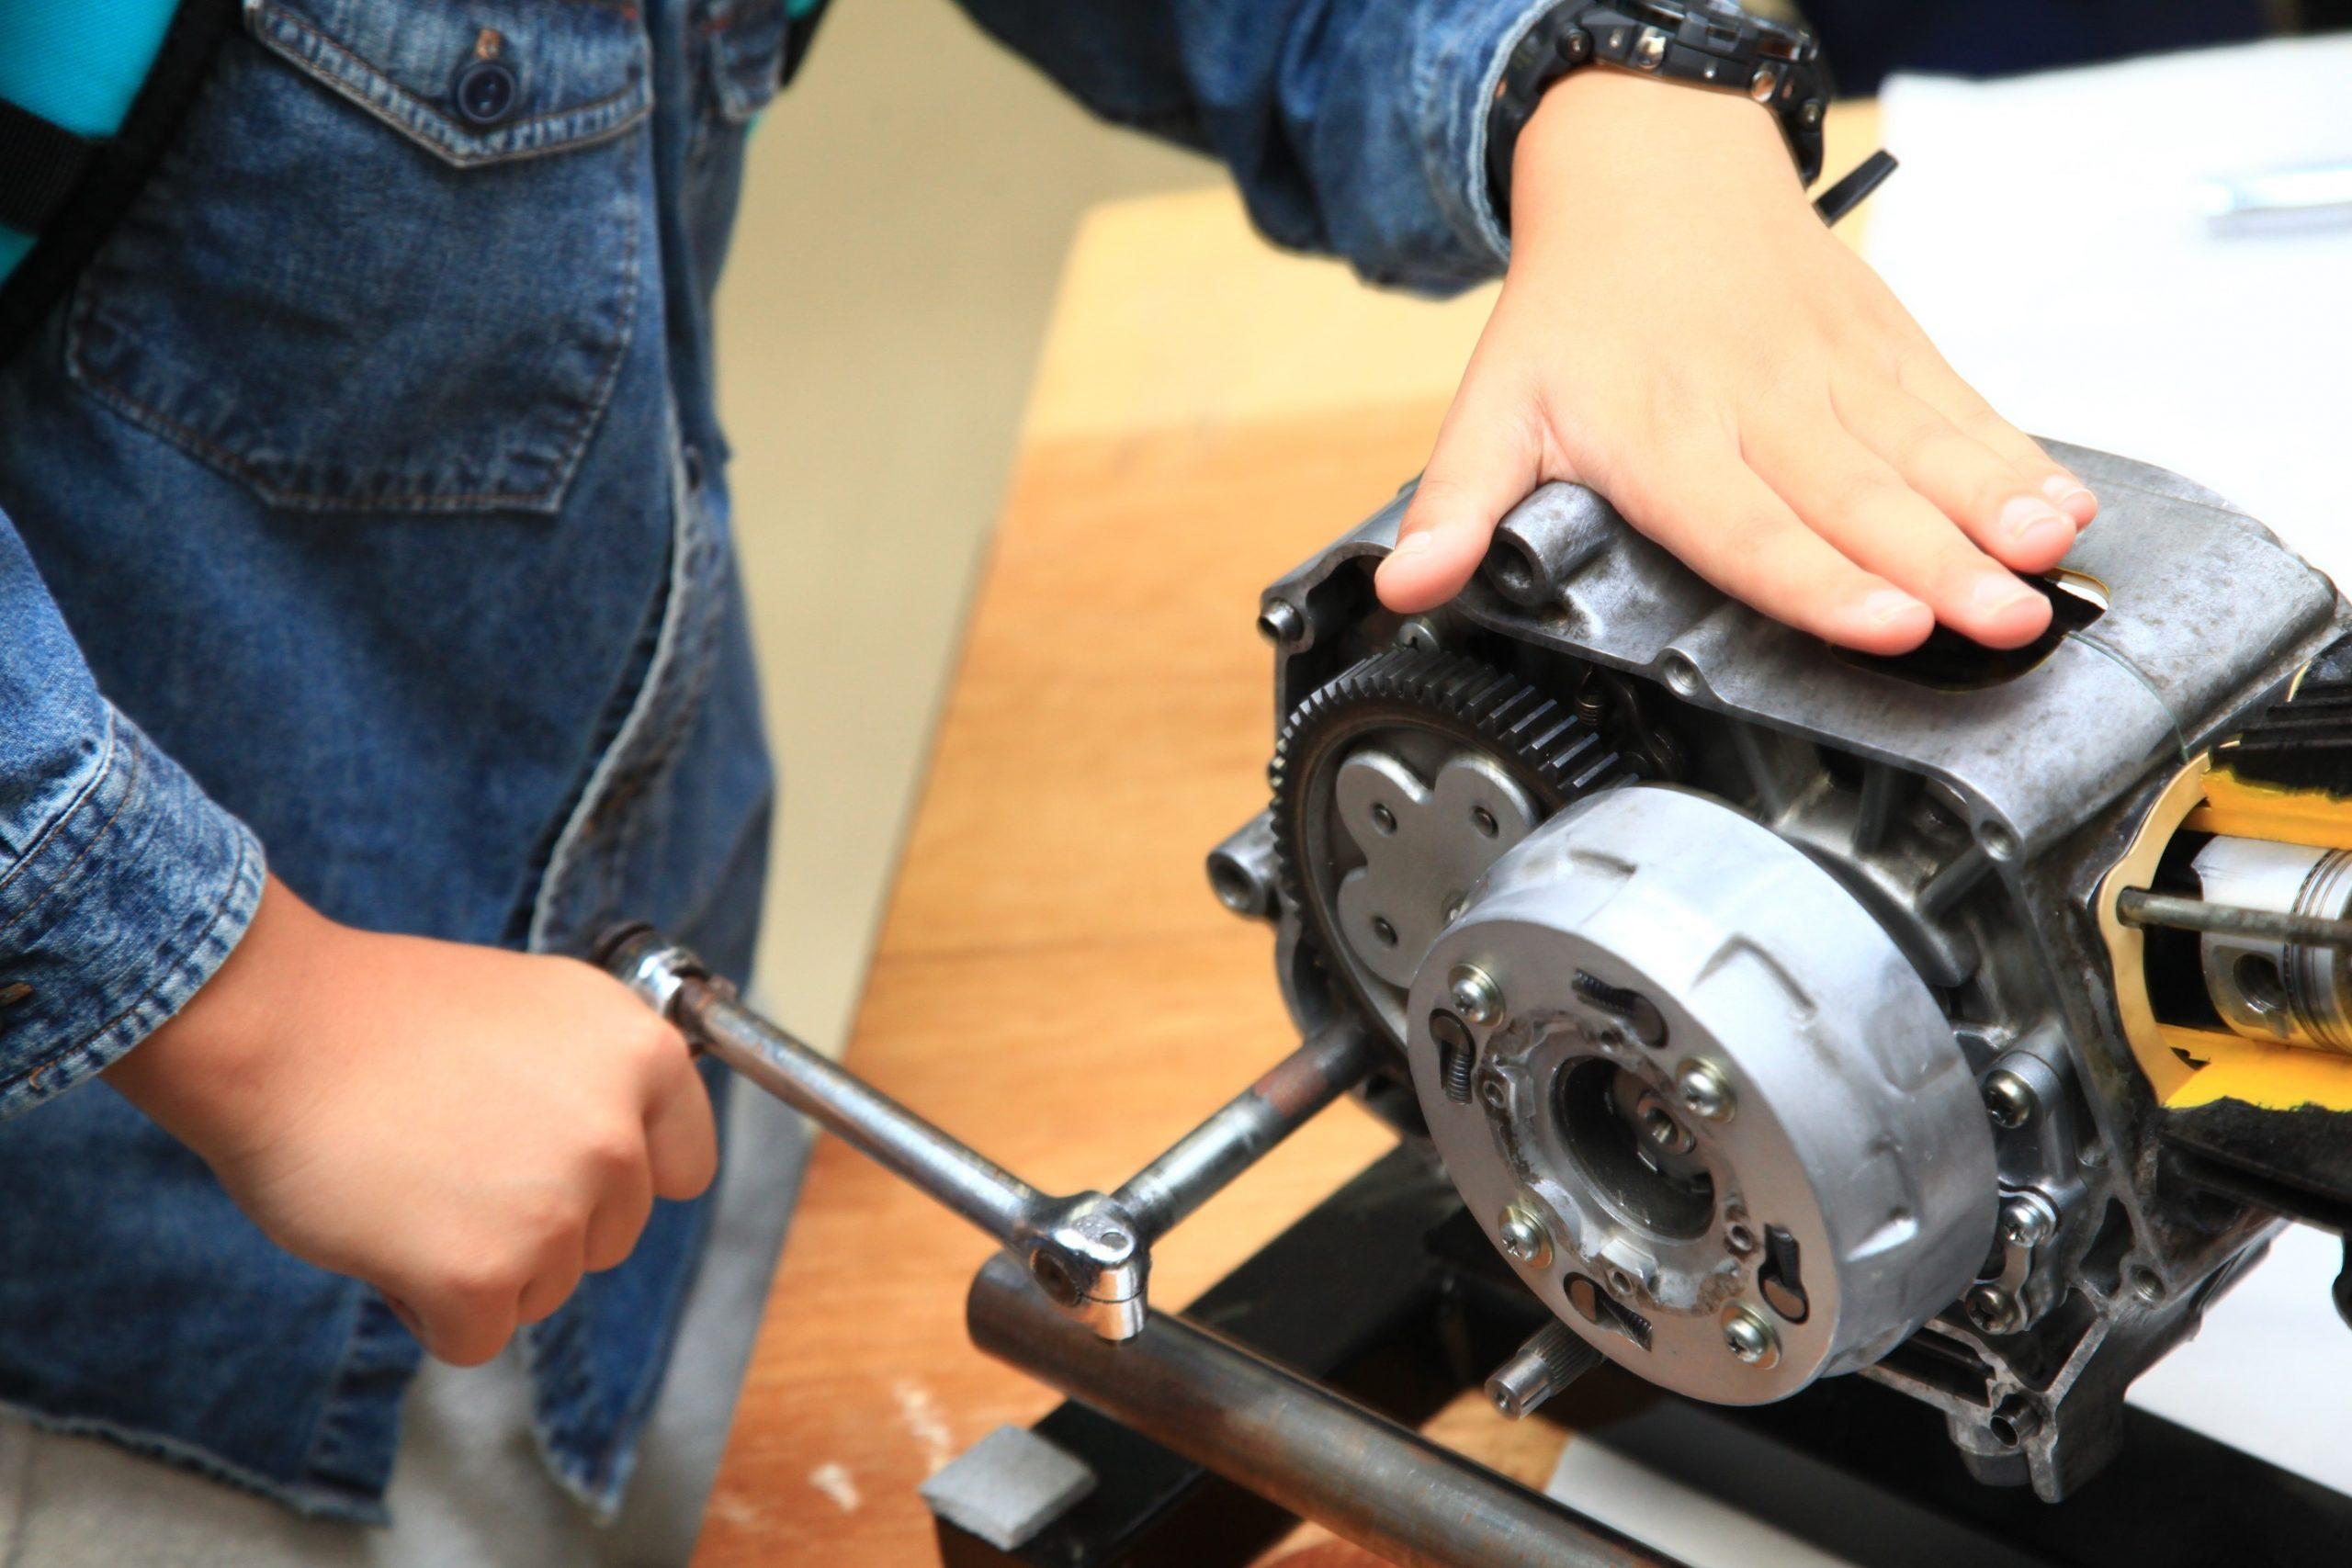 【講座番号10の2】エンジンの分解・組立を体験してみよう!(名車ホンダスーパーカブ50㏄エンジンに触れて)